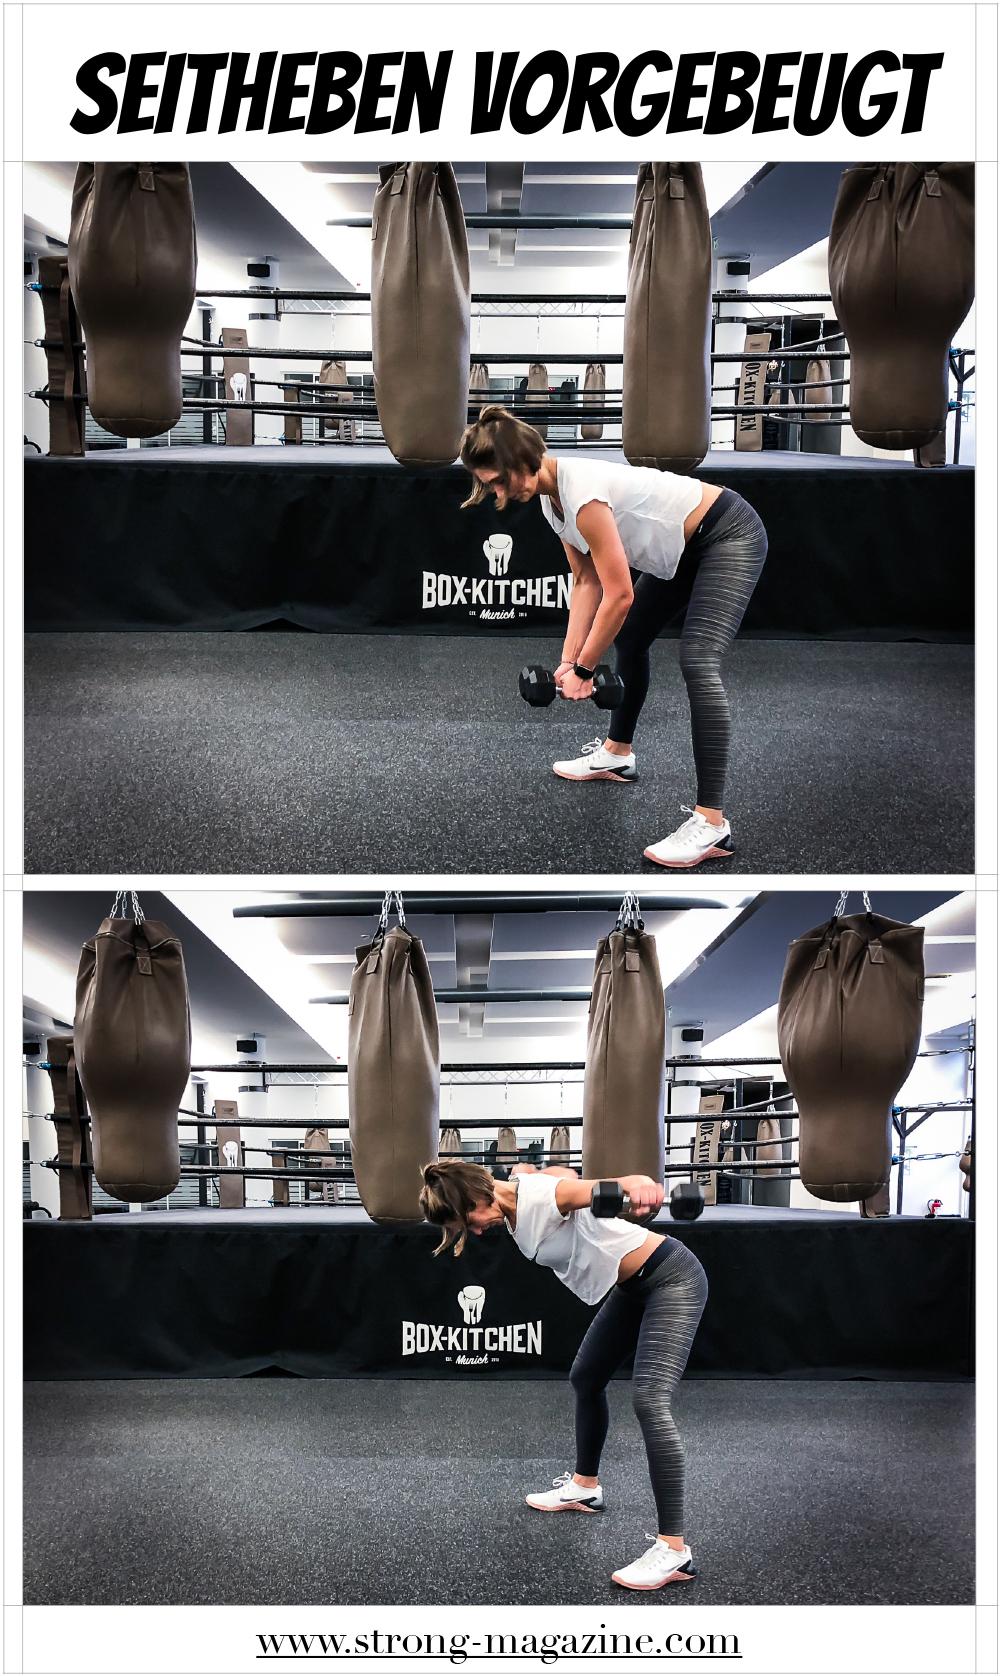 Übung für den Rücken: Seitheben vorgebeugt Anleitung